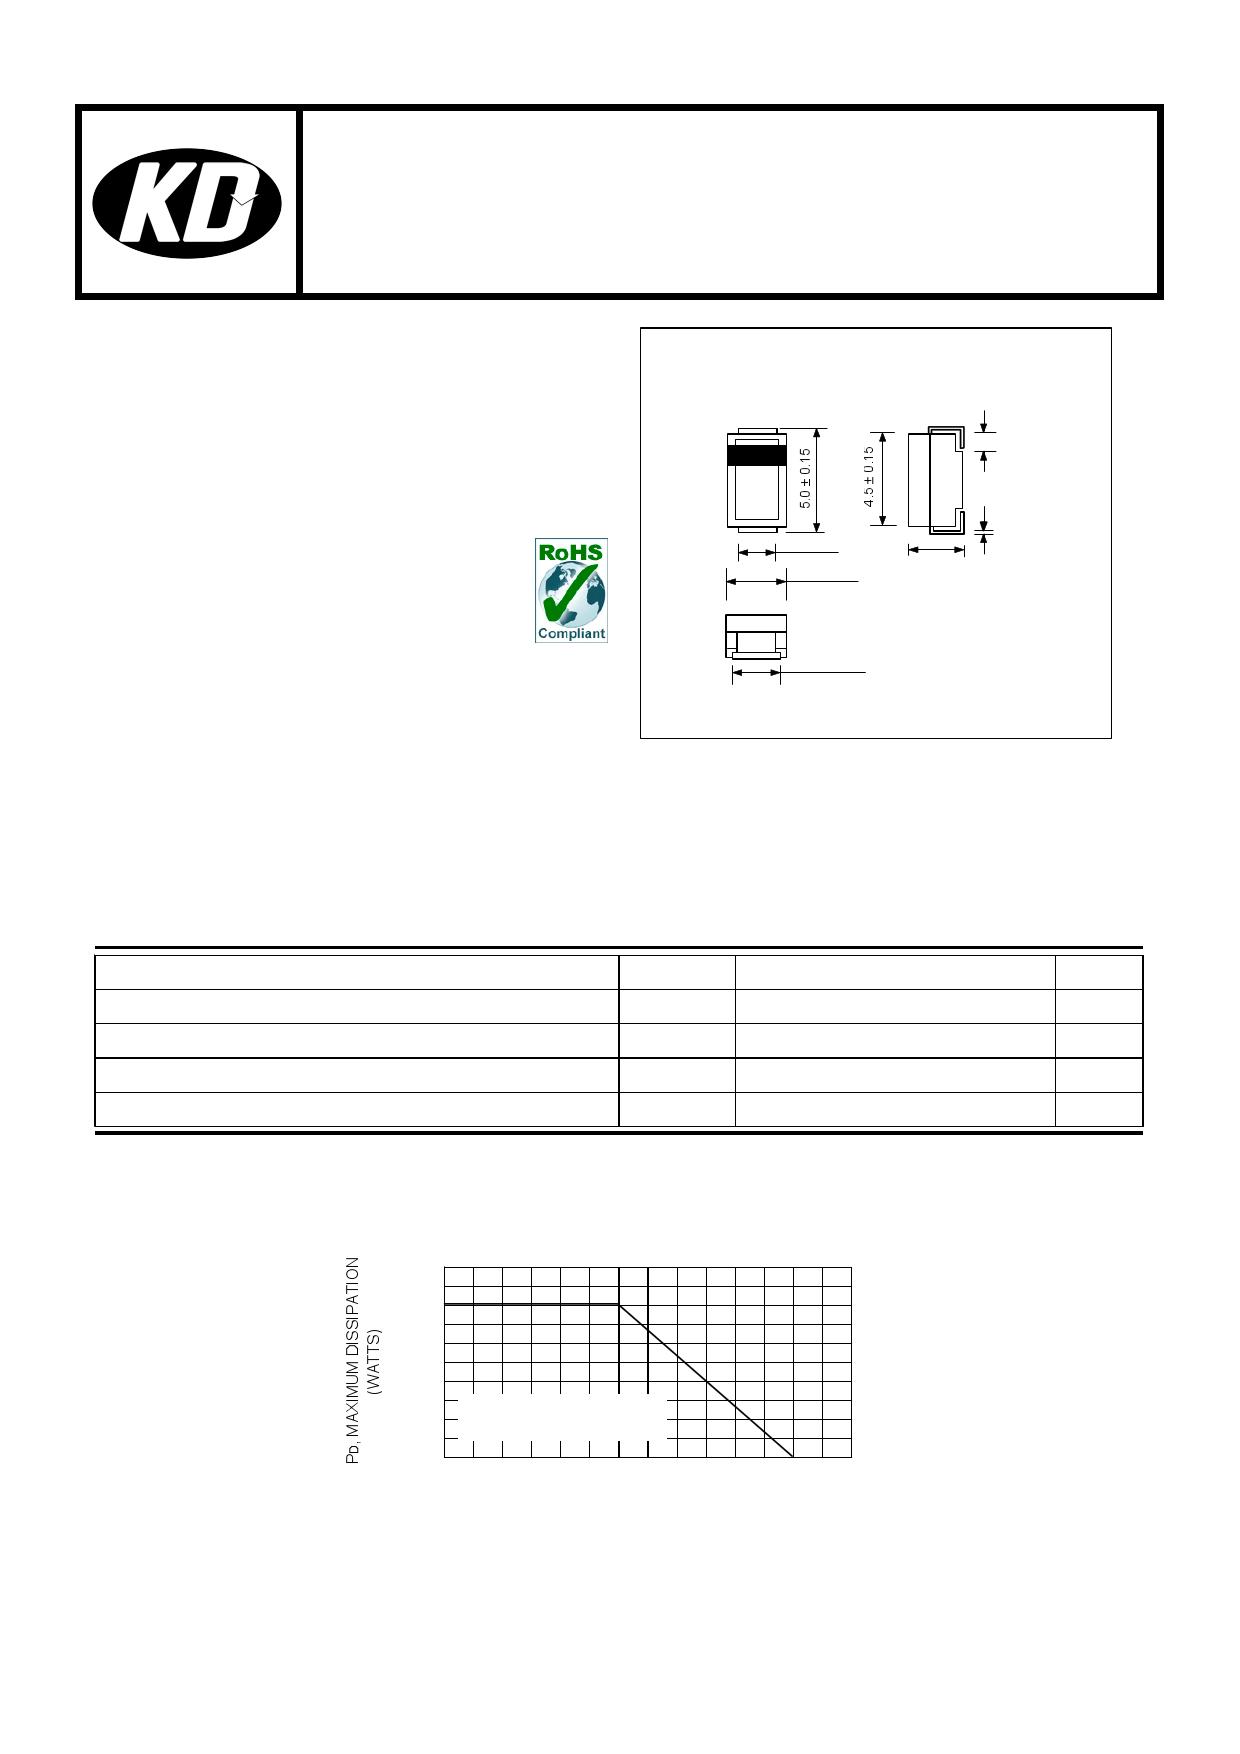 SZ40B9 datasheet